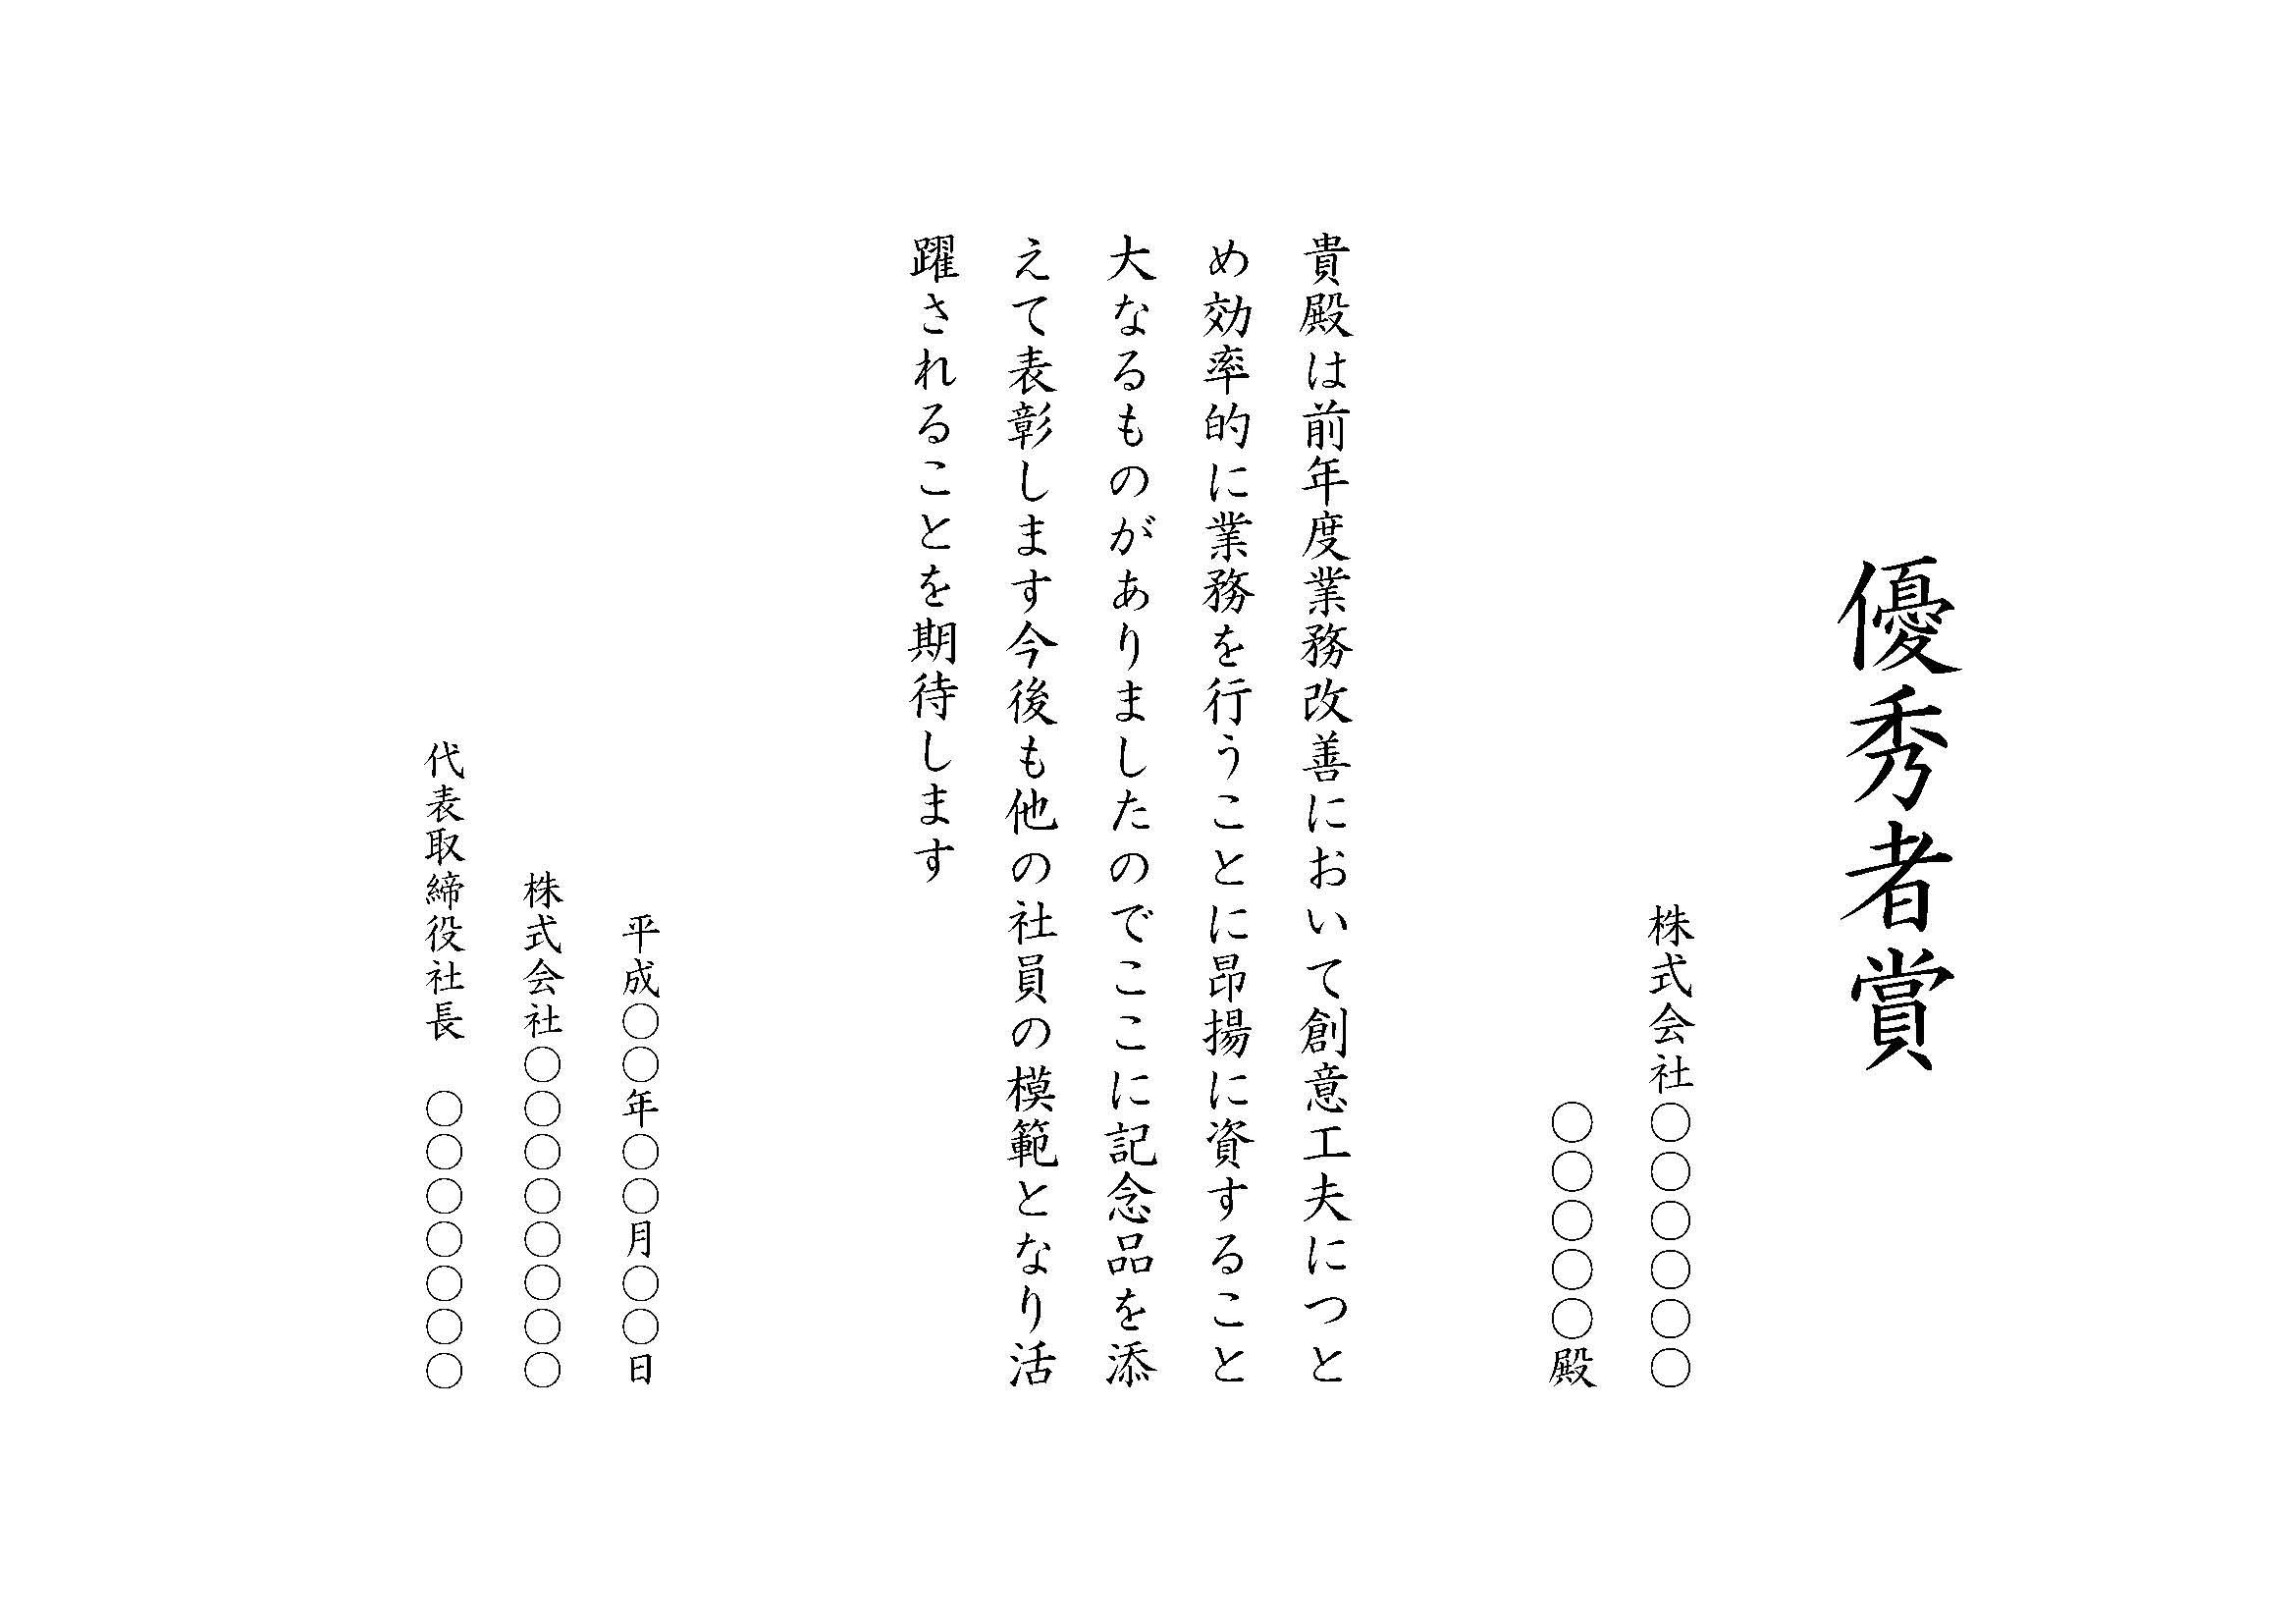 優秀者賞(縦書き)